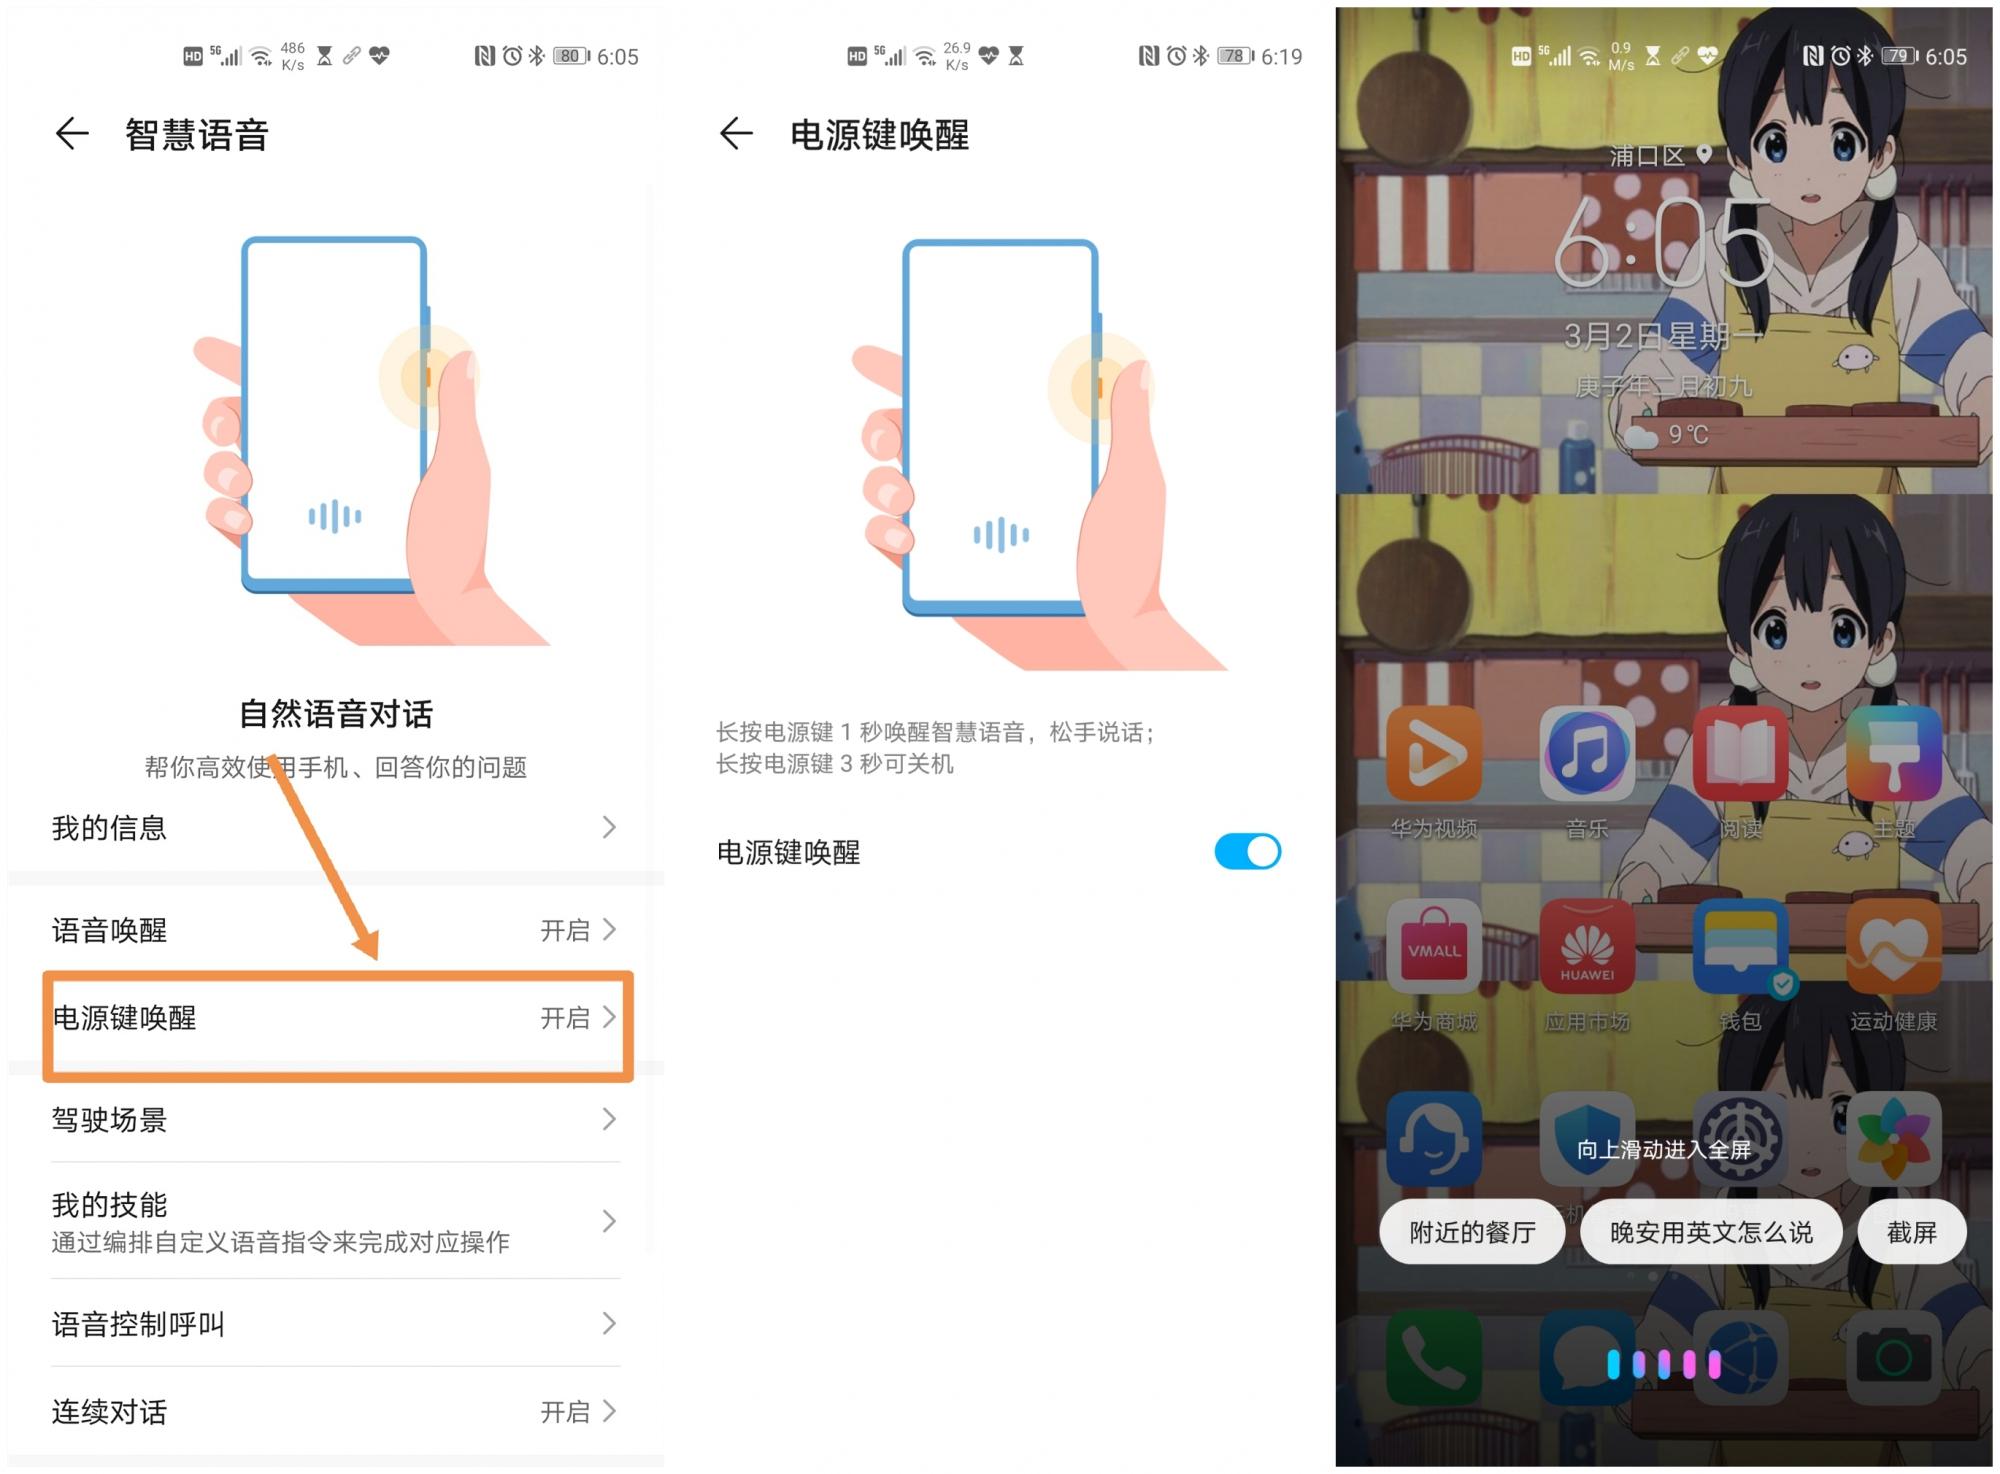 Screenshot_20200302_182126_副本.jpg